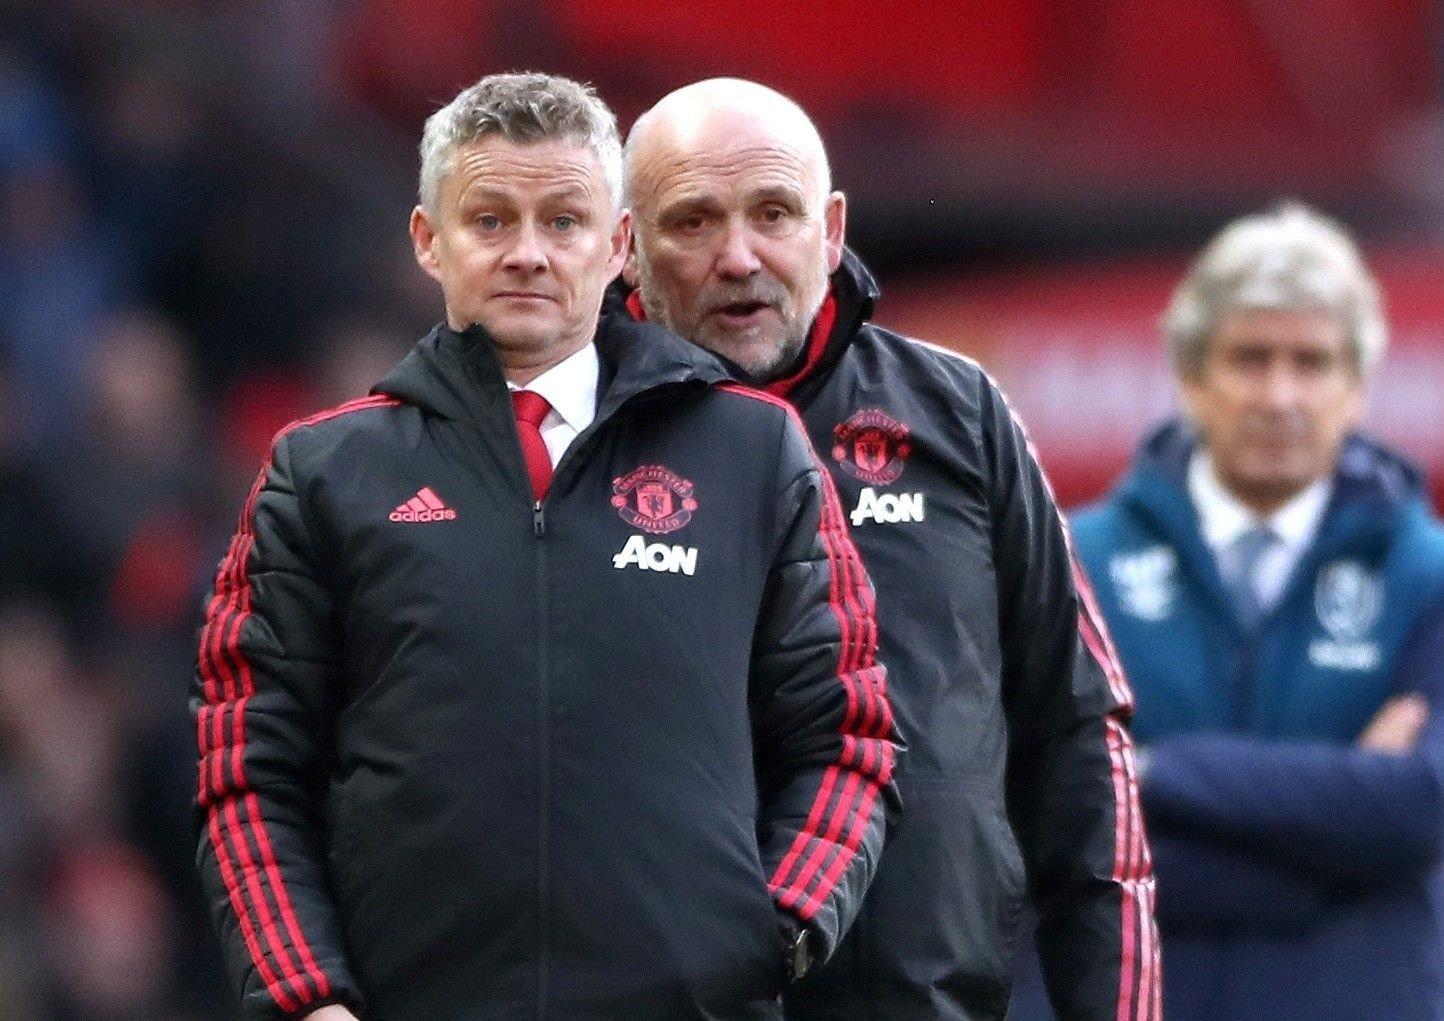 TÅLMODIGHET: Ole Gunnar Solskjær har en stor jobb foran seg med å gjenreise Manchester United til gammel storhet.